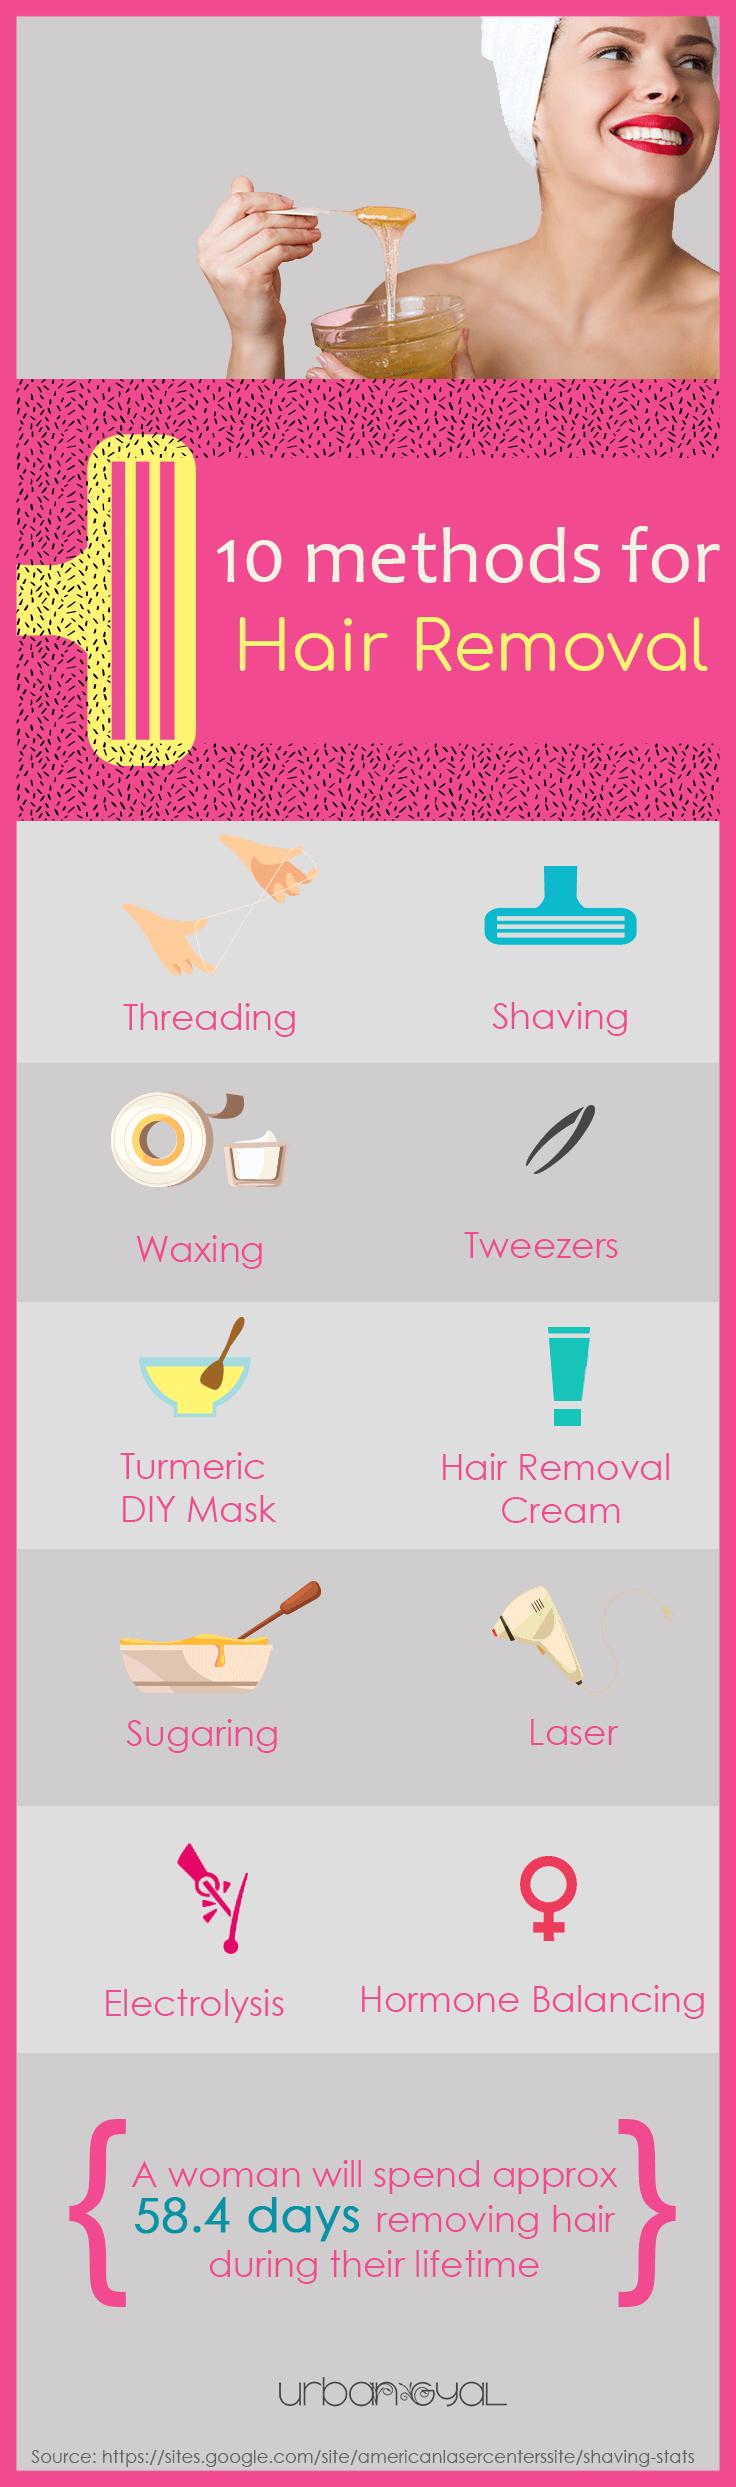 10 Hair Removal Methods Pinterest